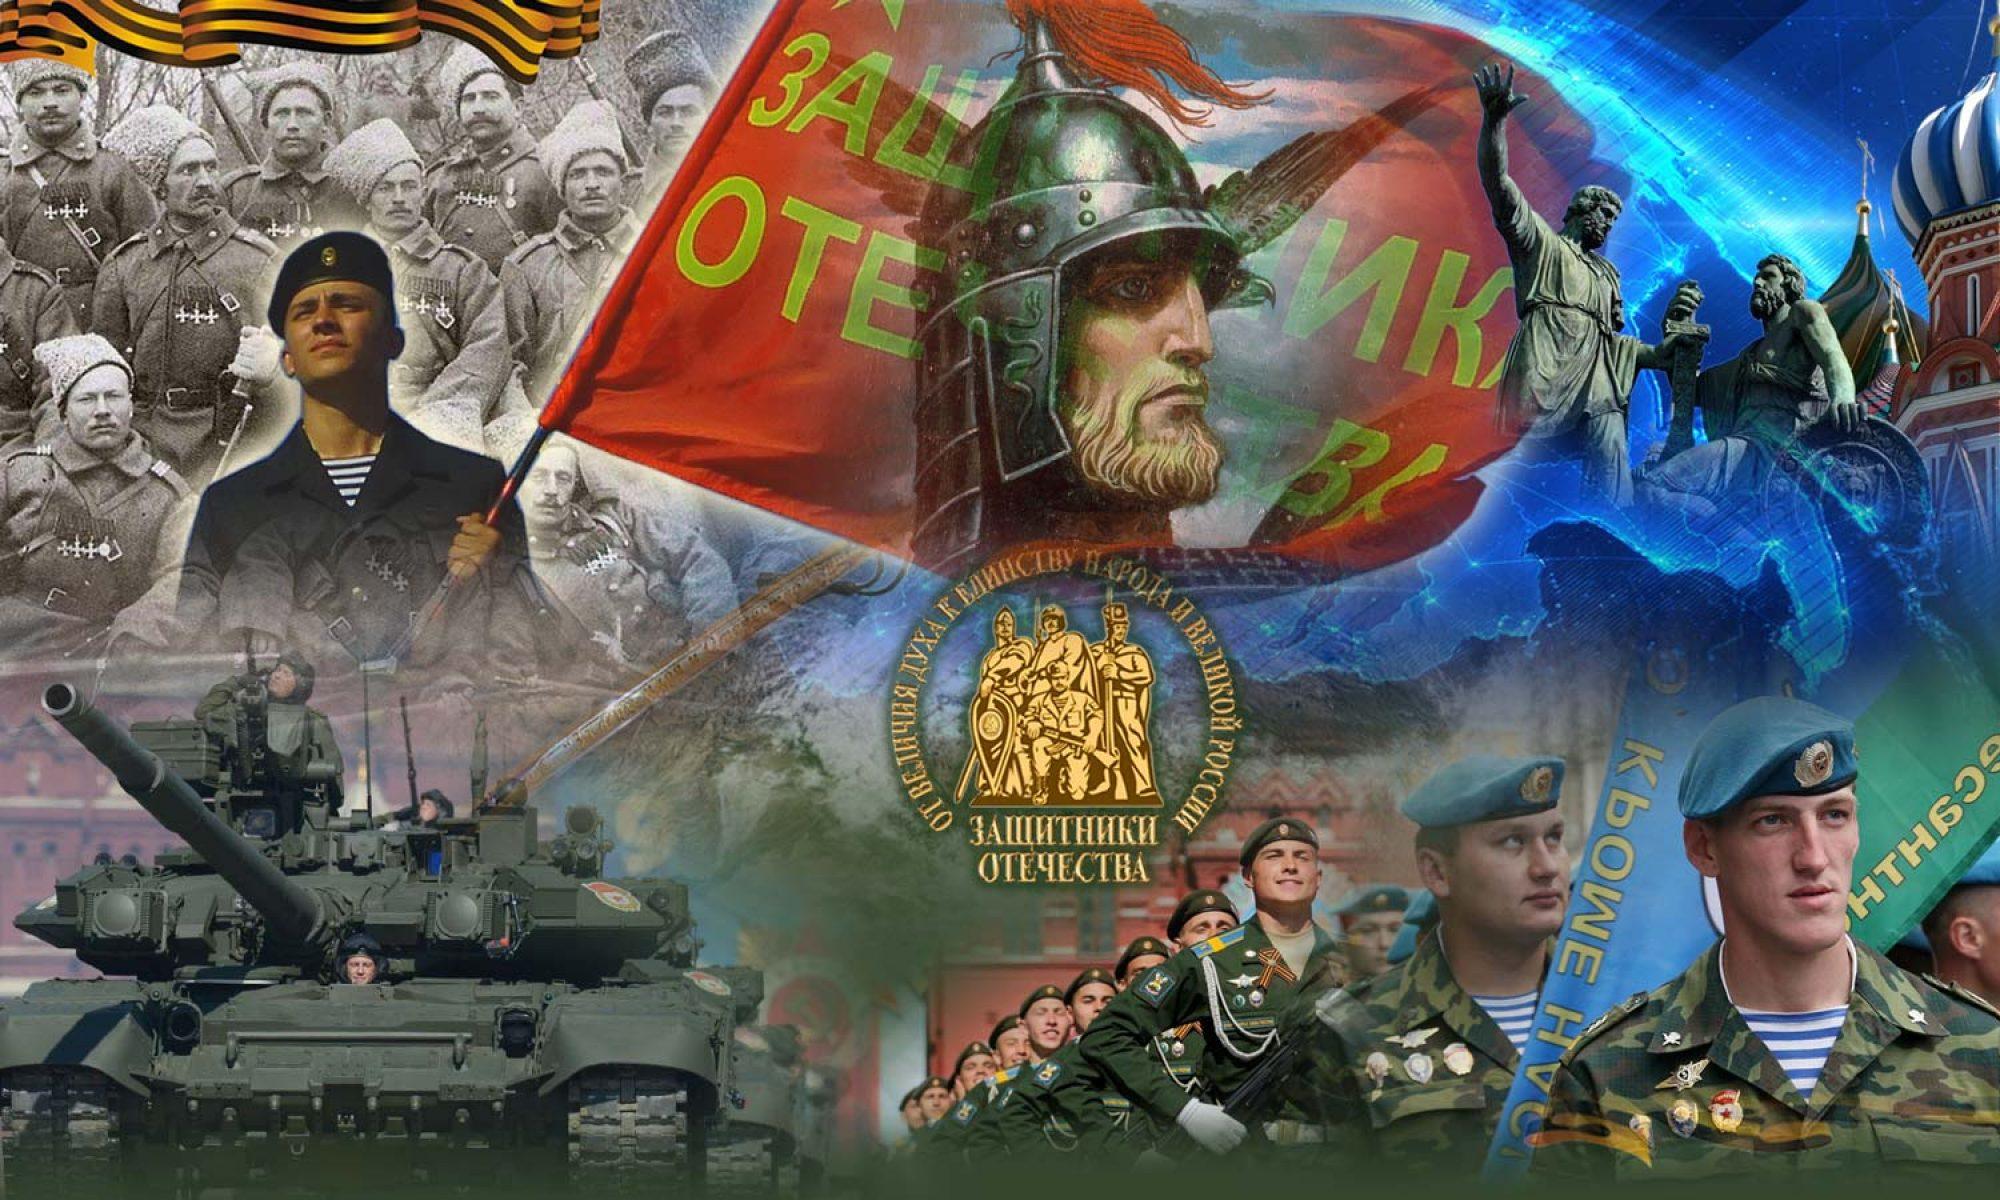 Прикольные, картинки и фото к дню защитника отечества